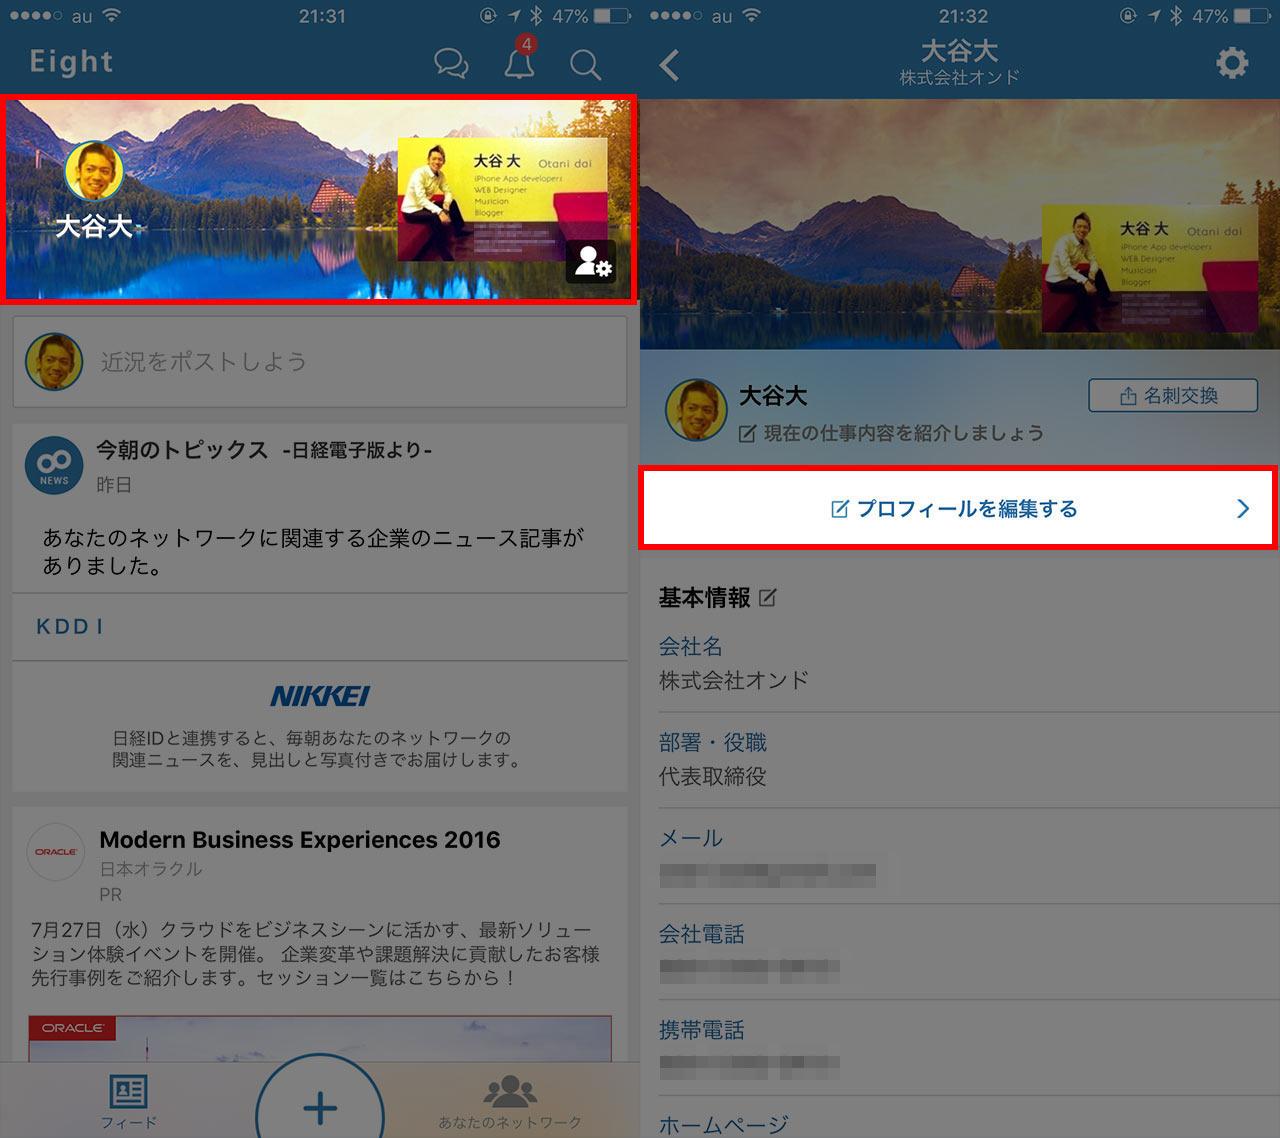 eight-meishi-change-01-02